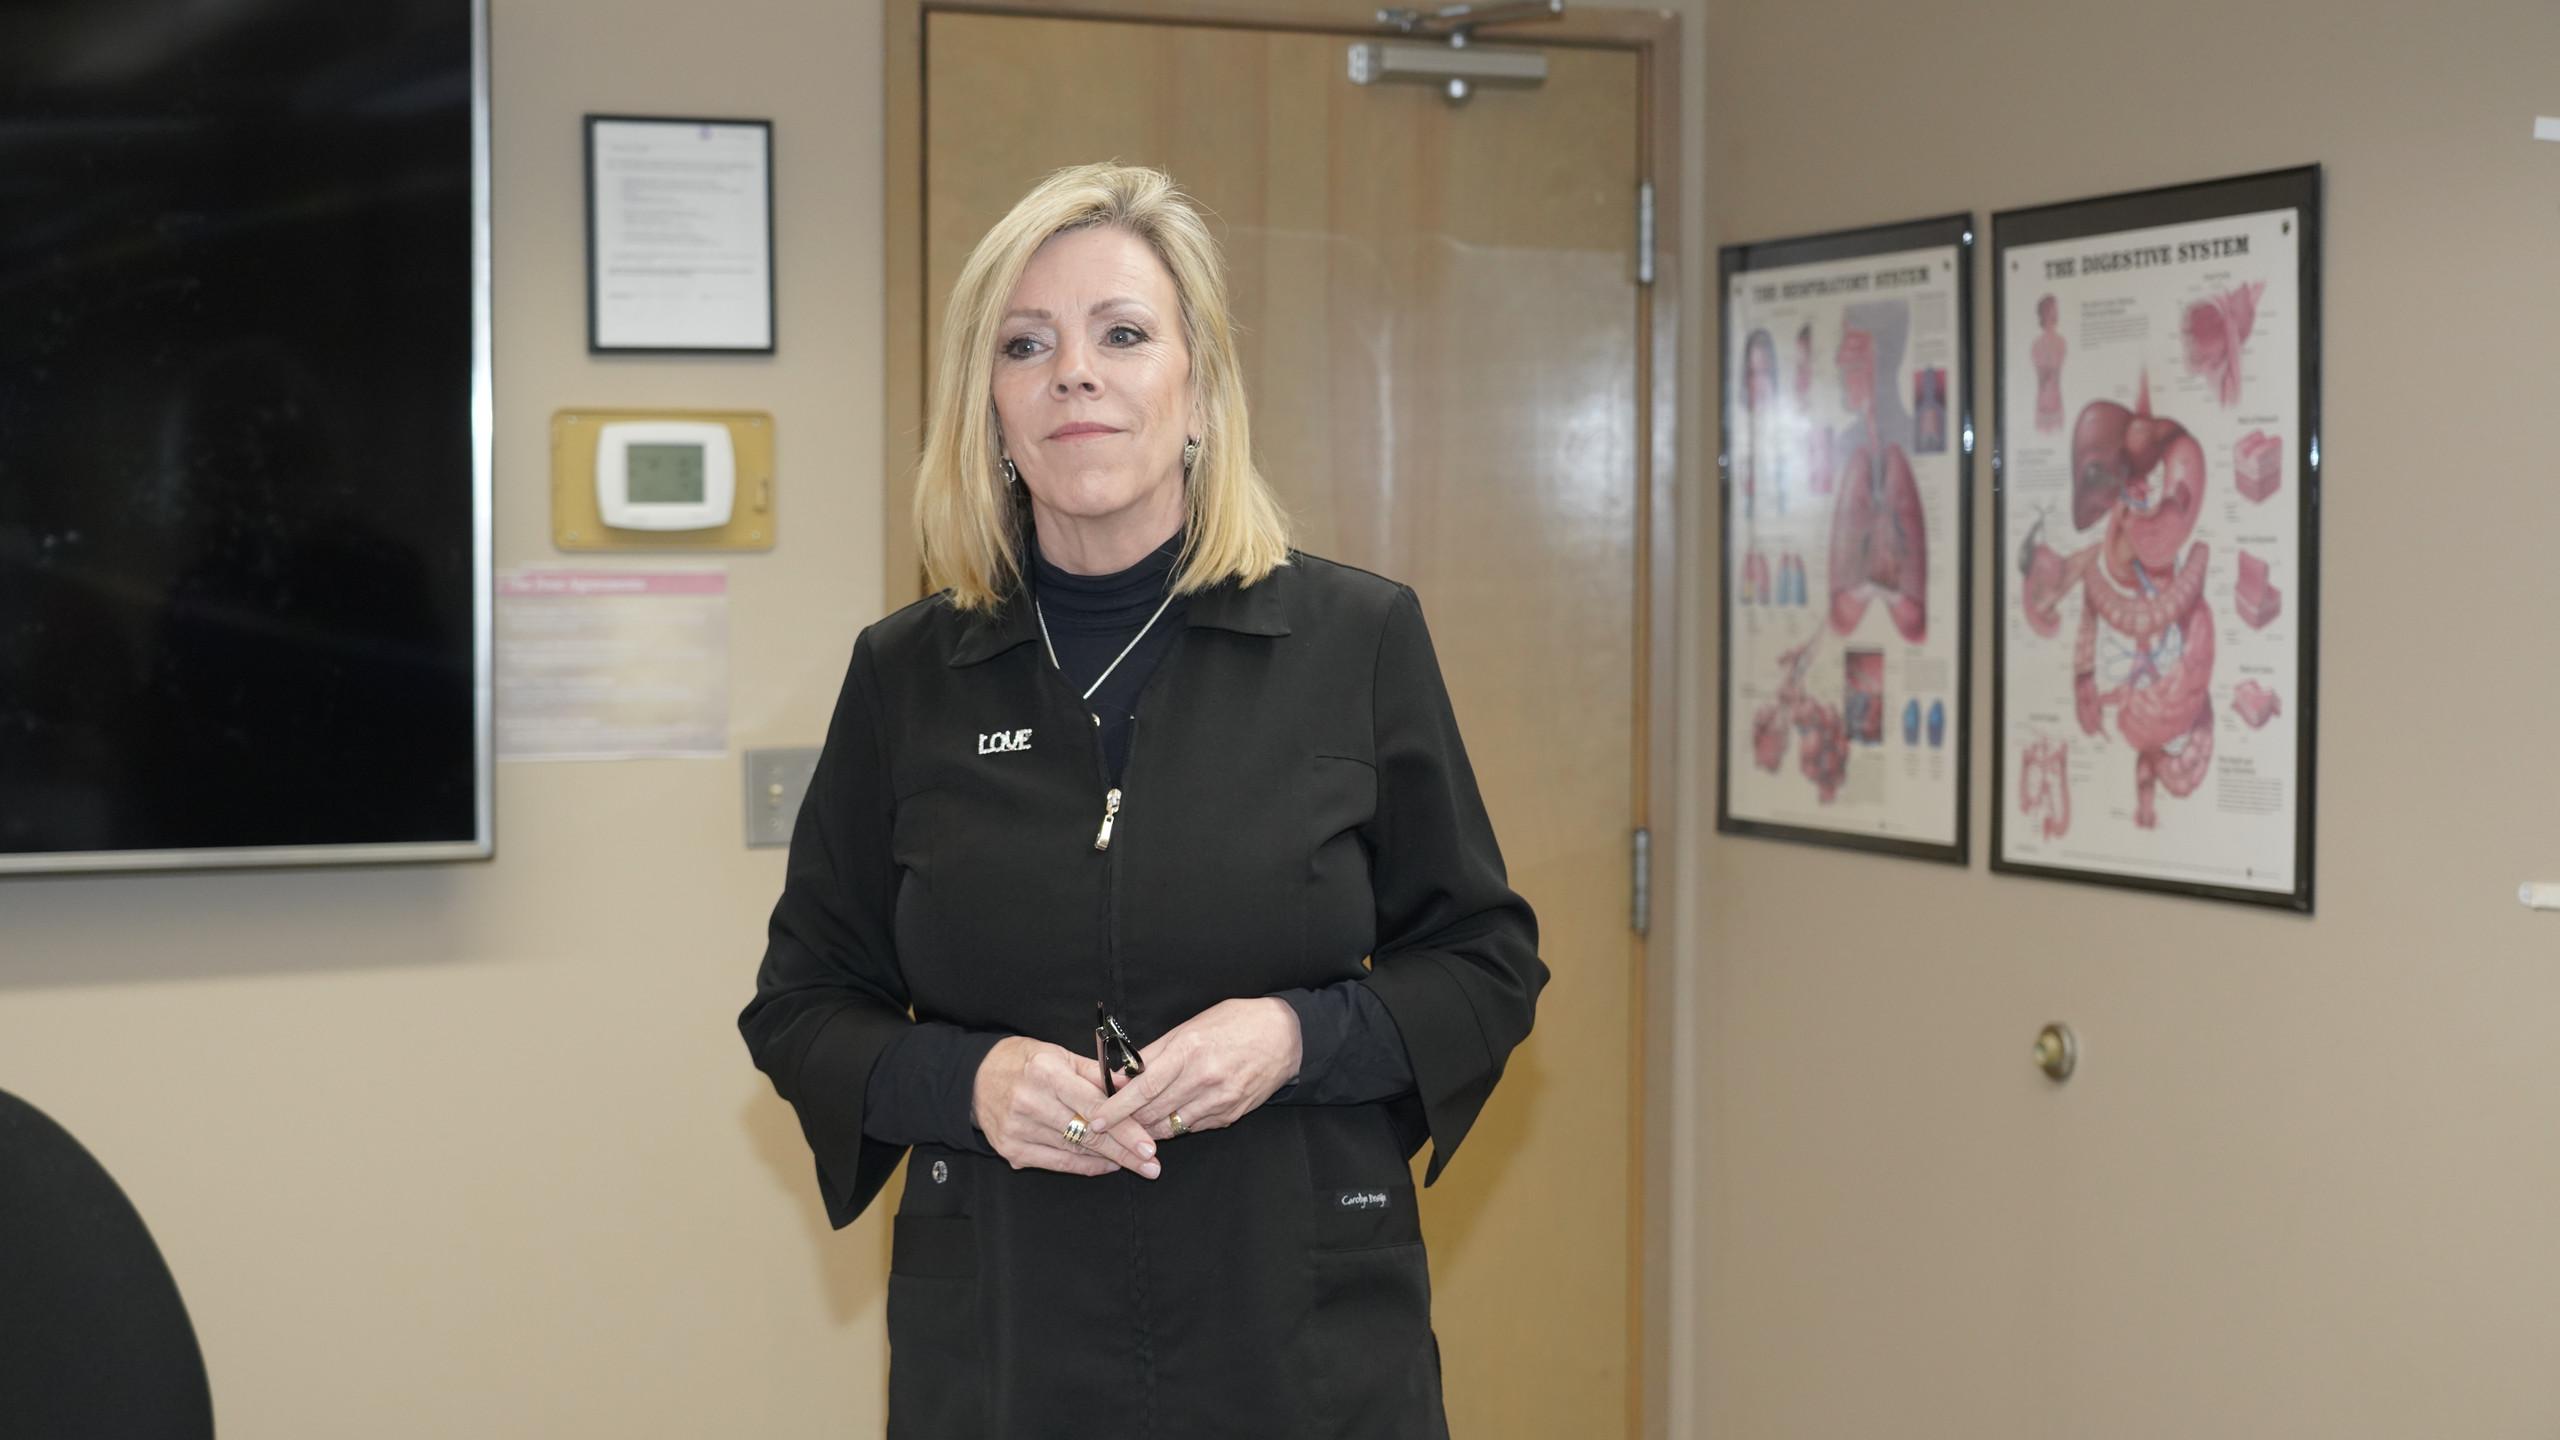 Becky Kuehn